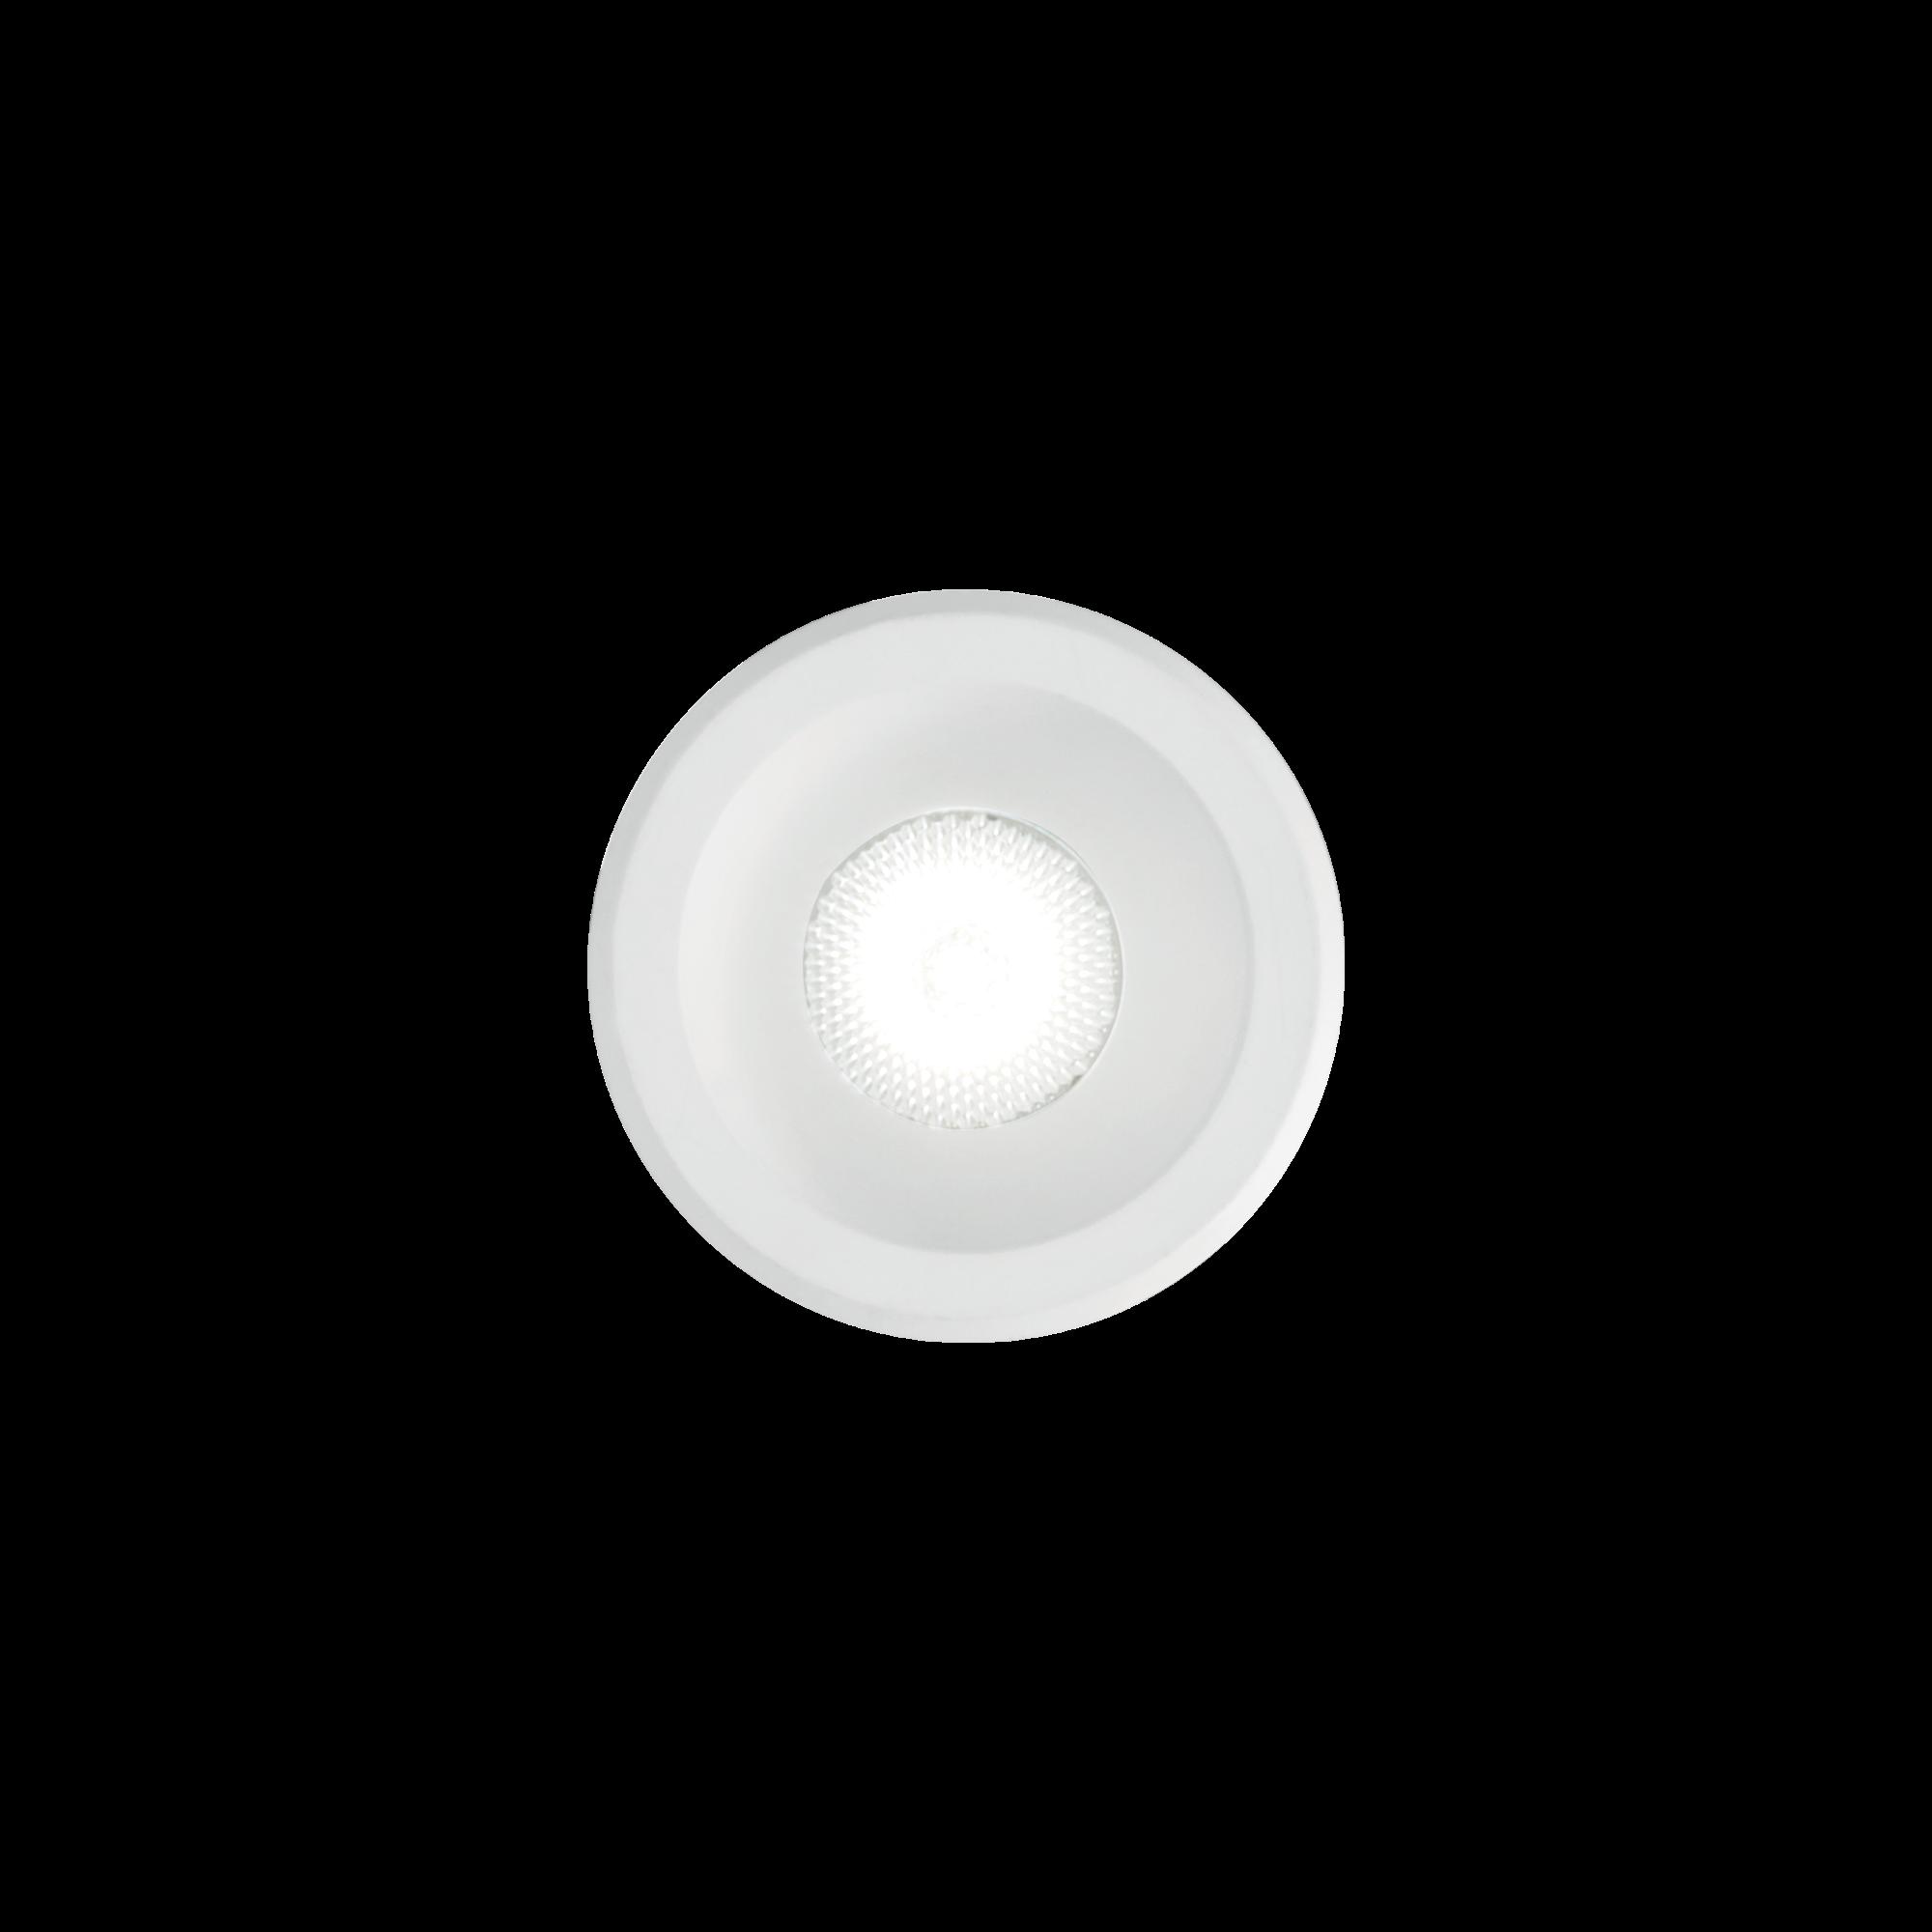 IdealLux 244853 VIRUS venkovní zápustné svítidlo 3W 210lm 3000K IP20 černá / zlatá